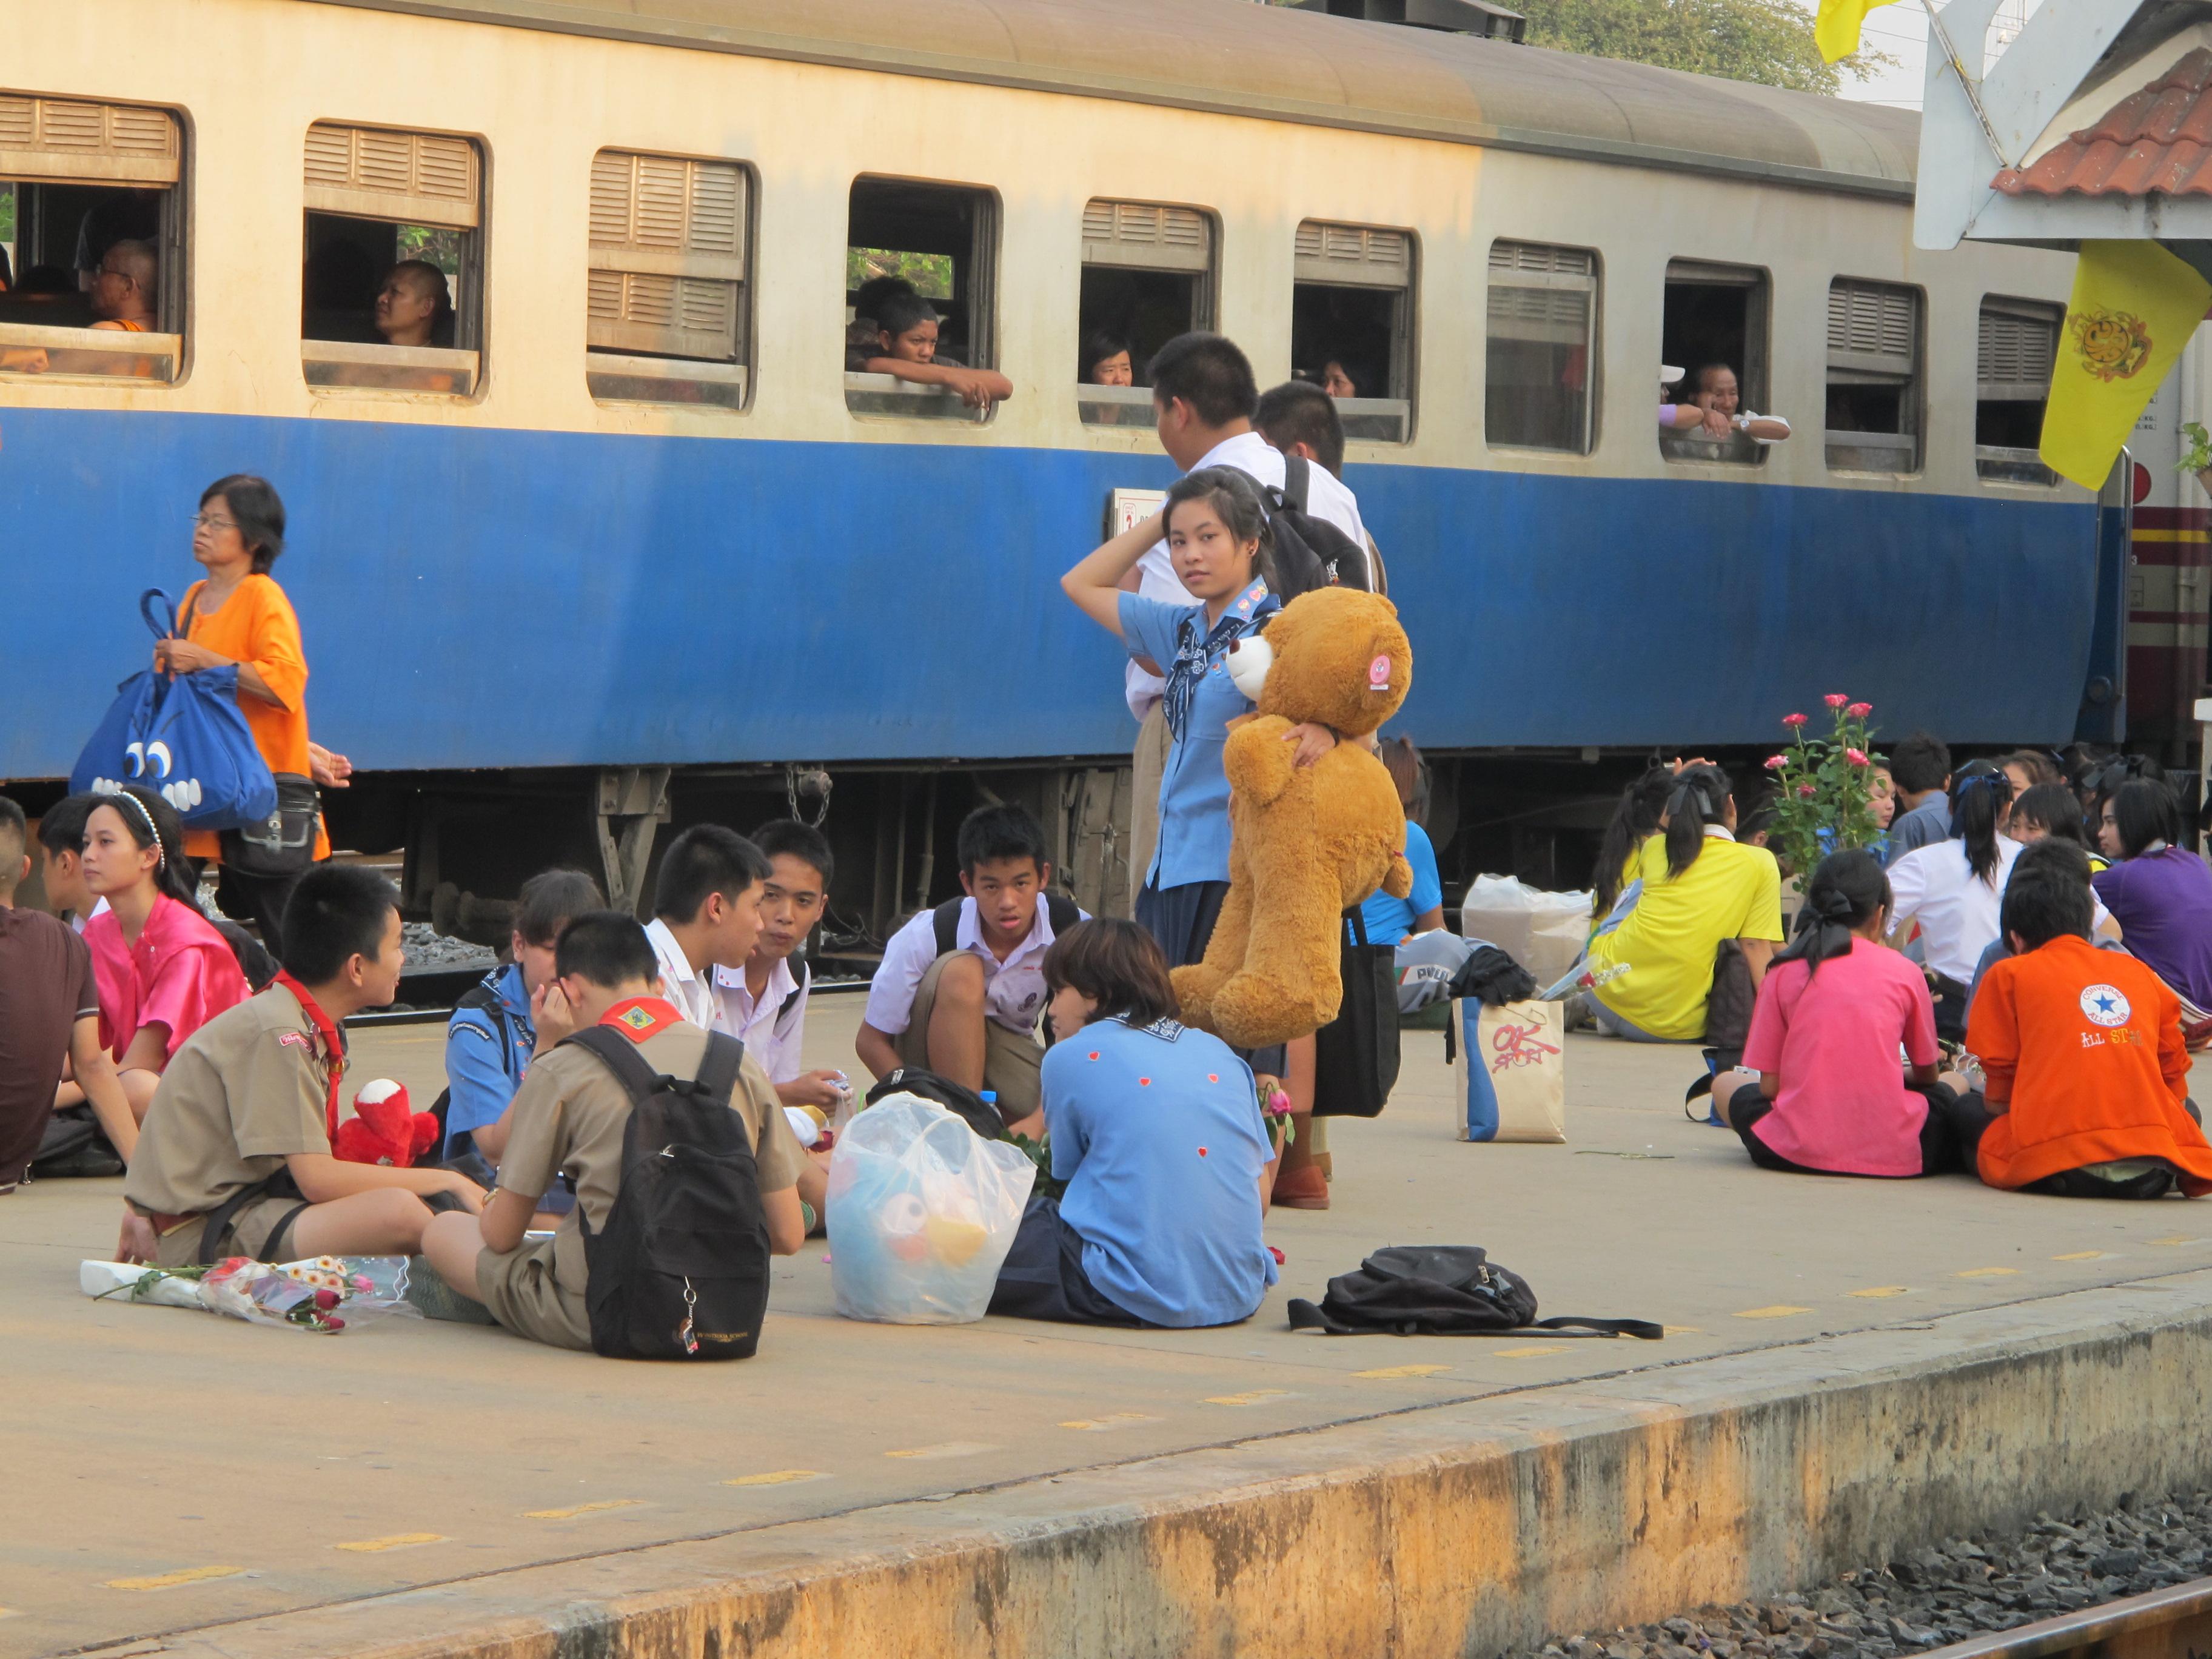 photo des étudiants qui sortent de l'école le jour de la Saint Valentin, à Lopburi en Thaïlande